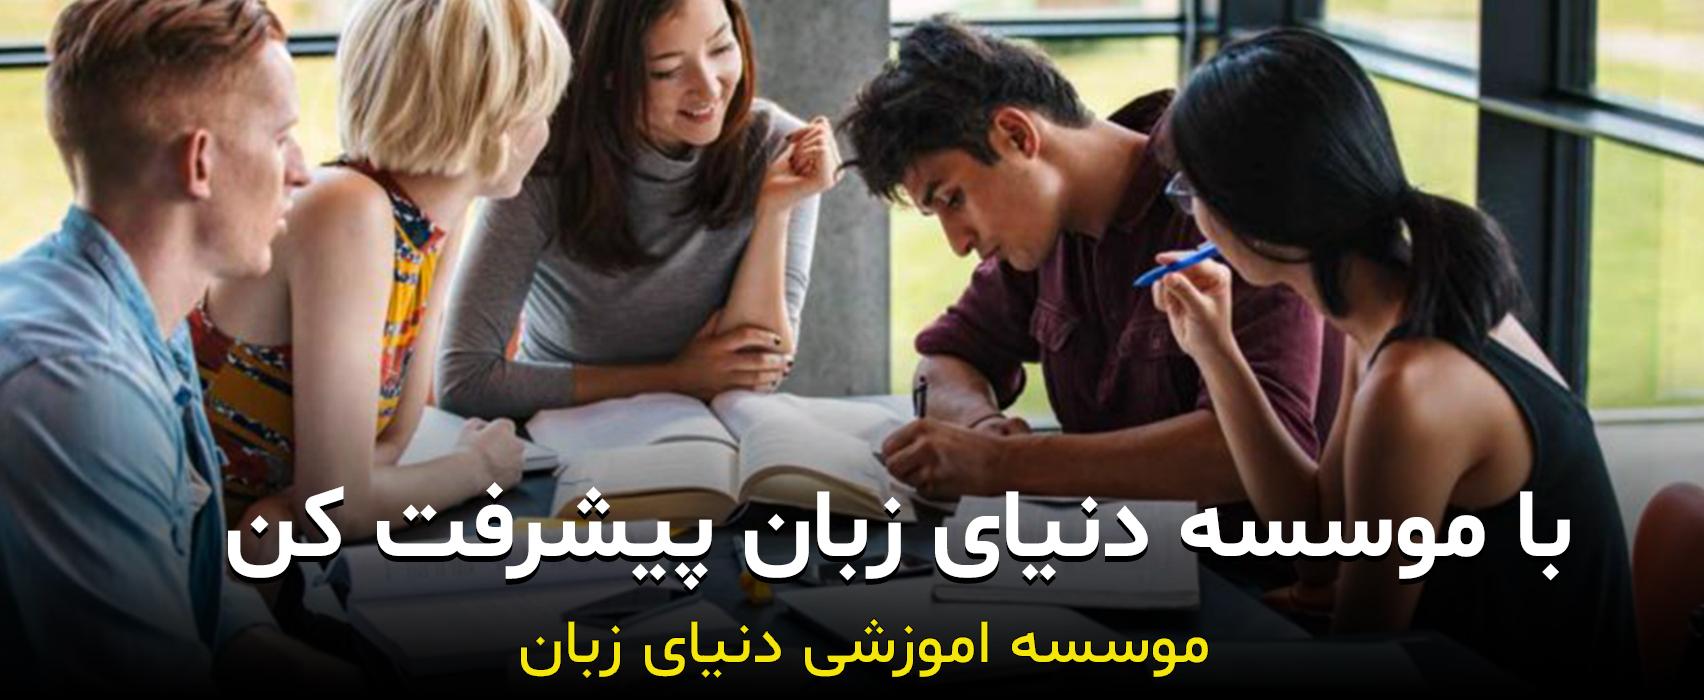 یادگیری انواع زبان خارجی